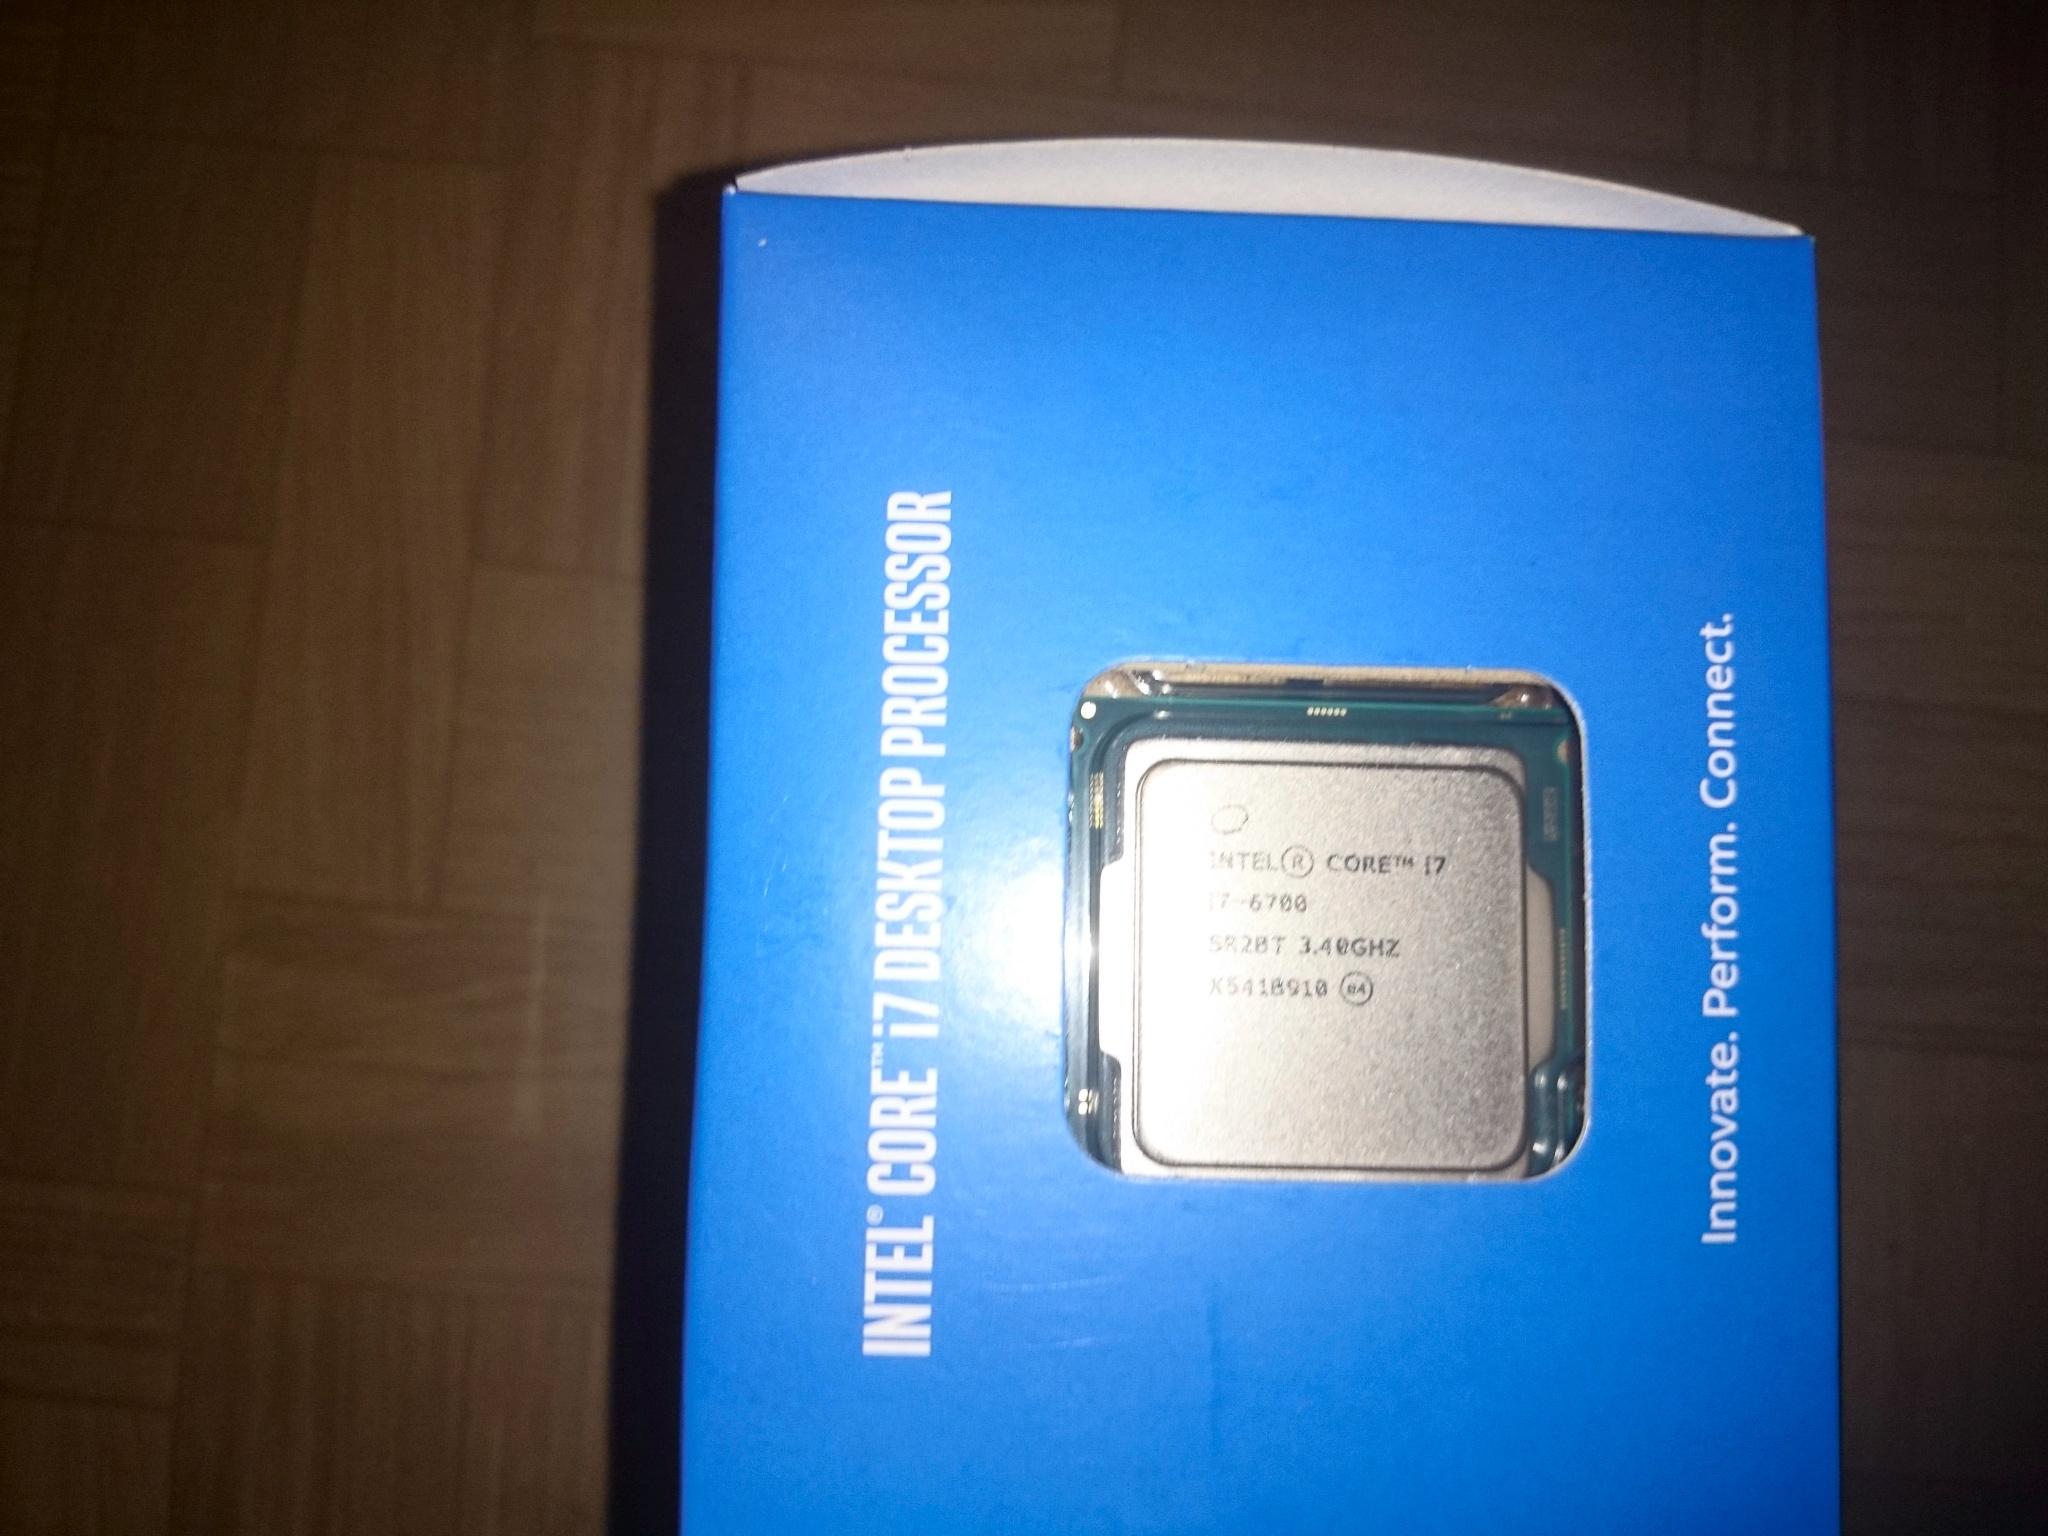 Обзор от покупателя на Процессор INTEL Core i7-6700 ...